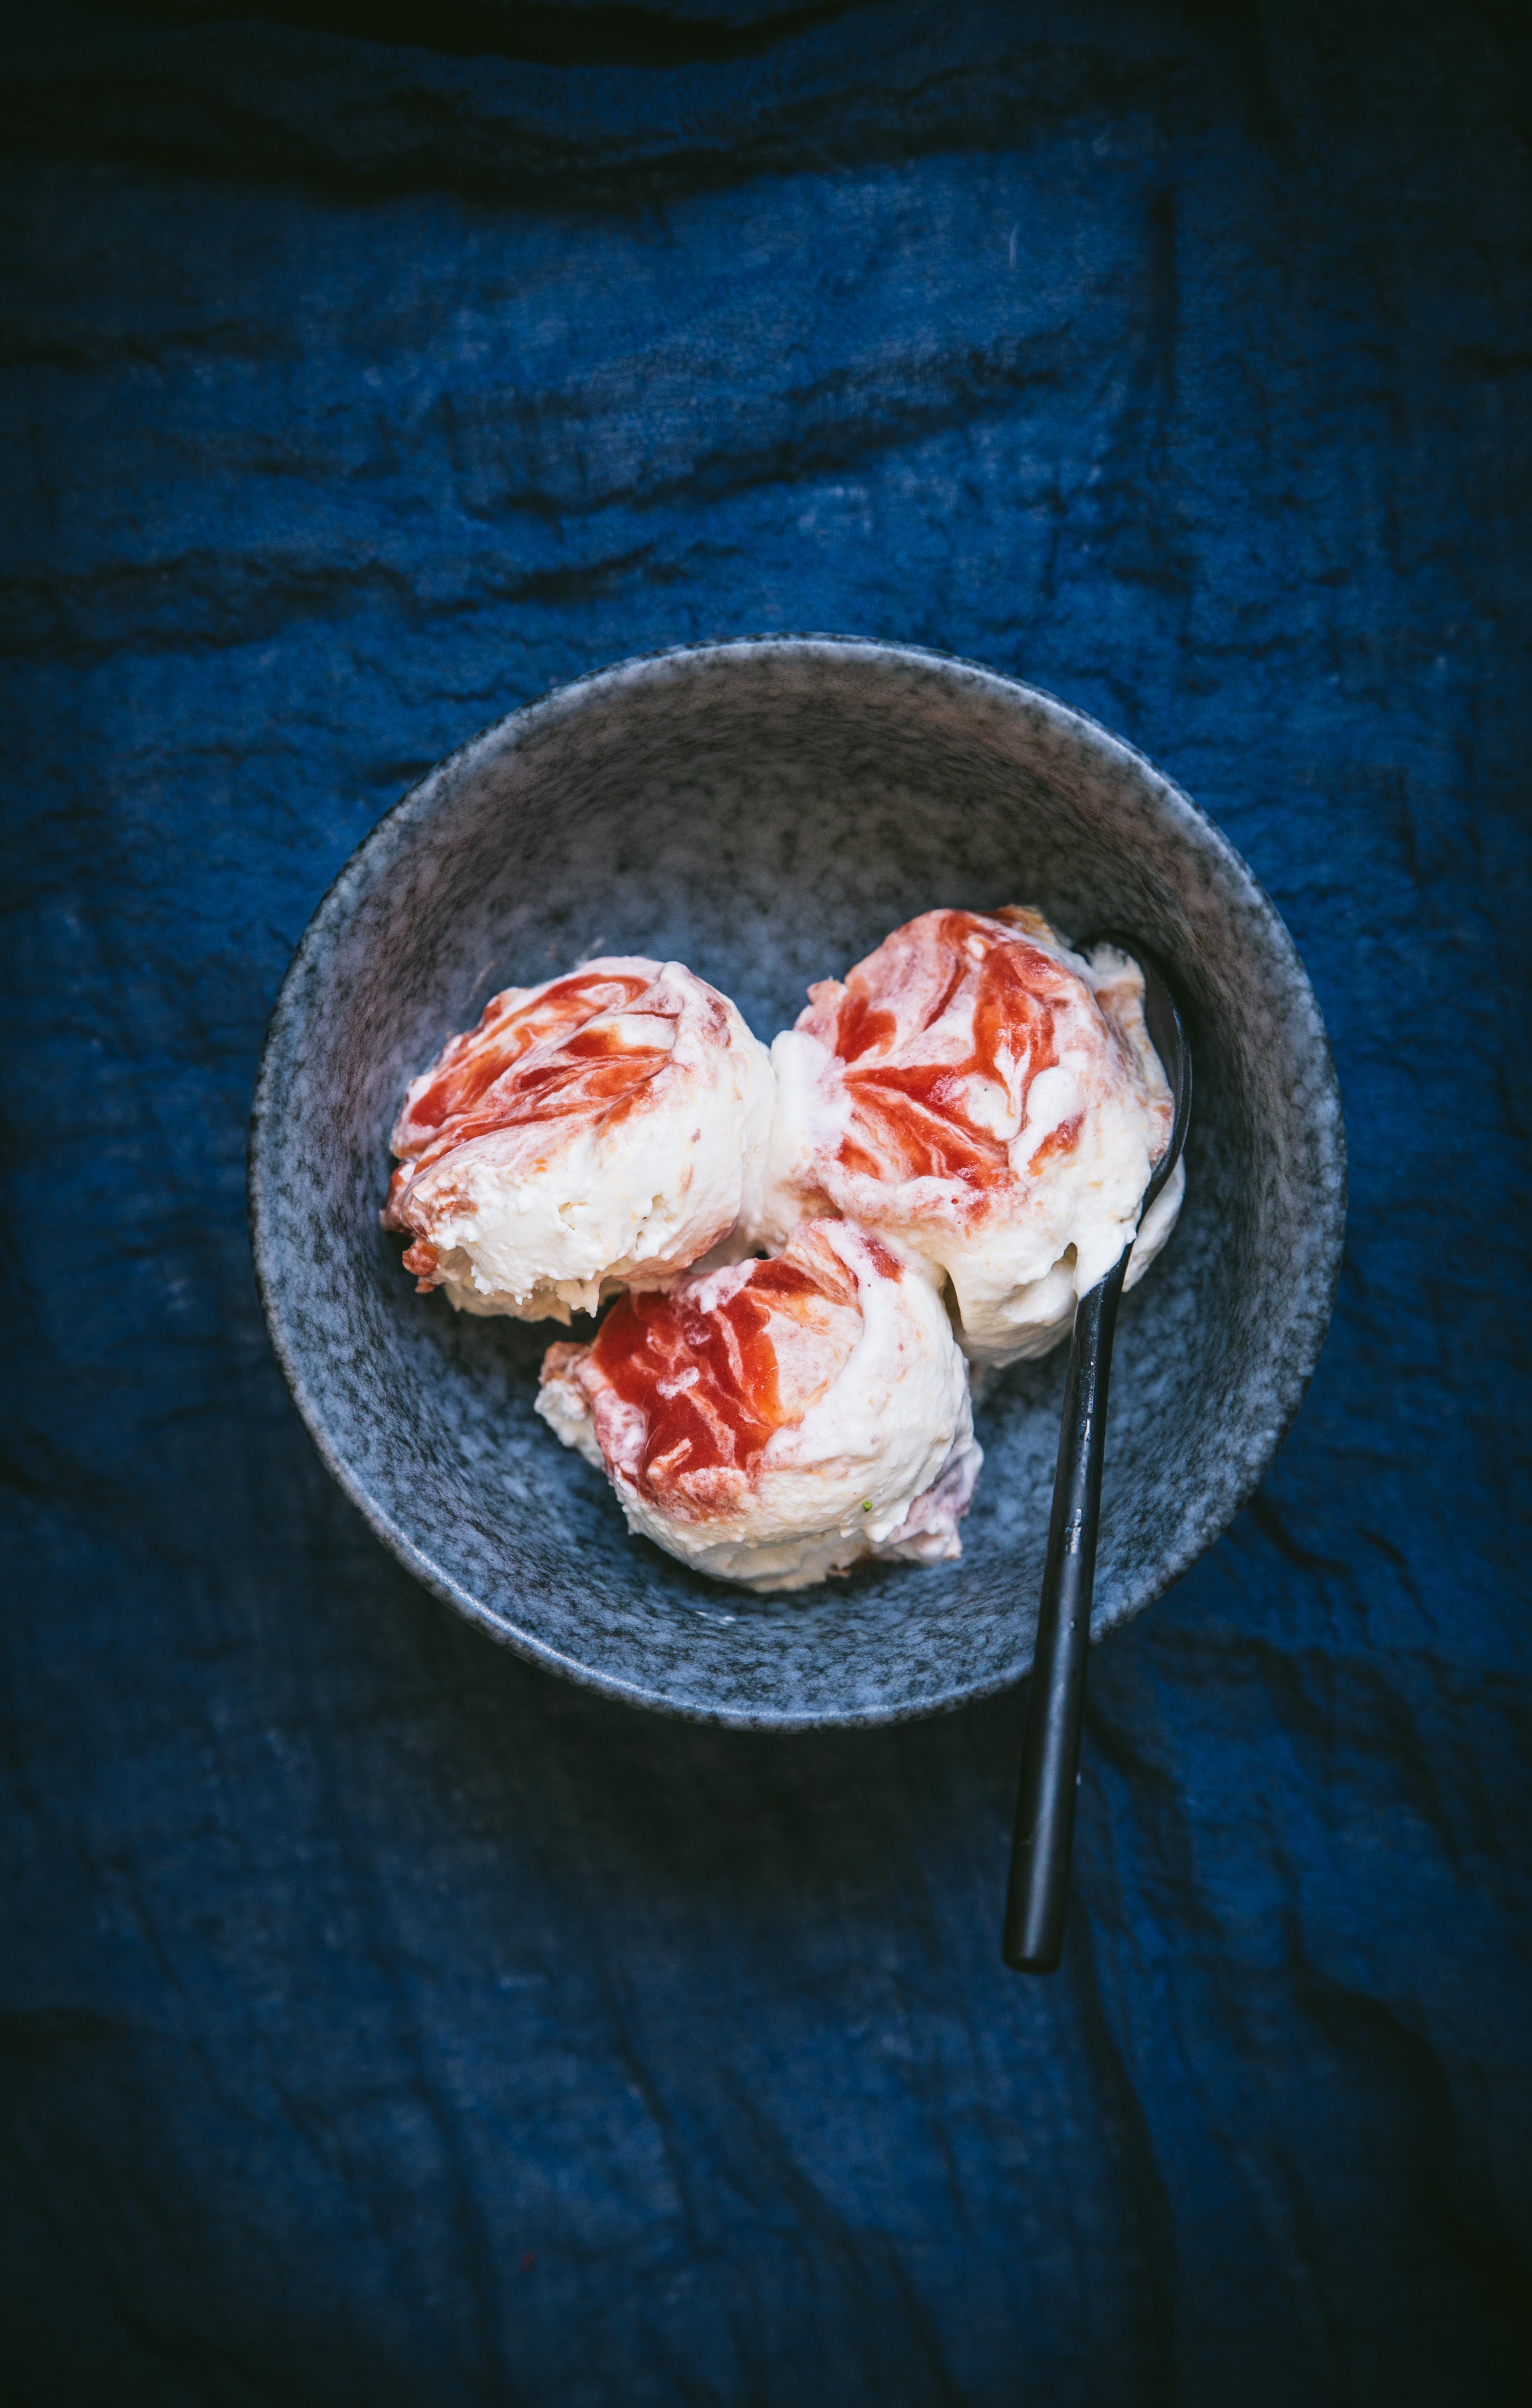 Glace noix de coco pêche - Mégane Ardérighi